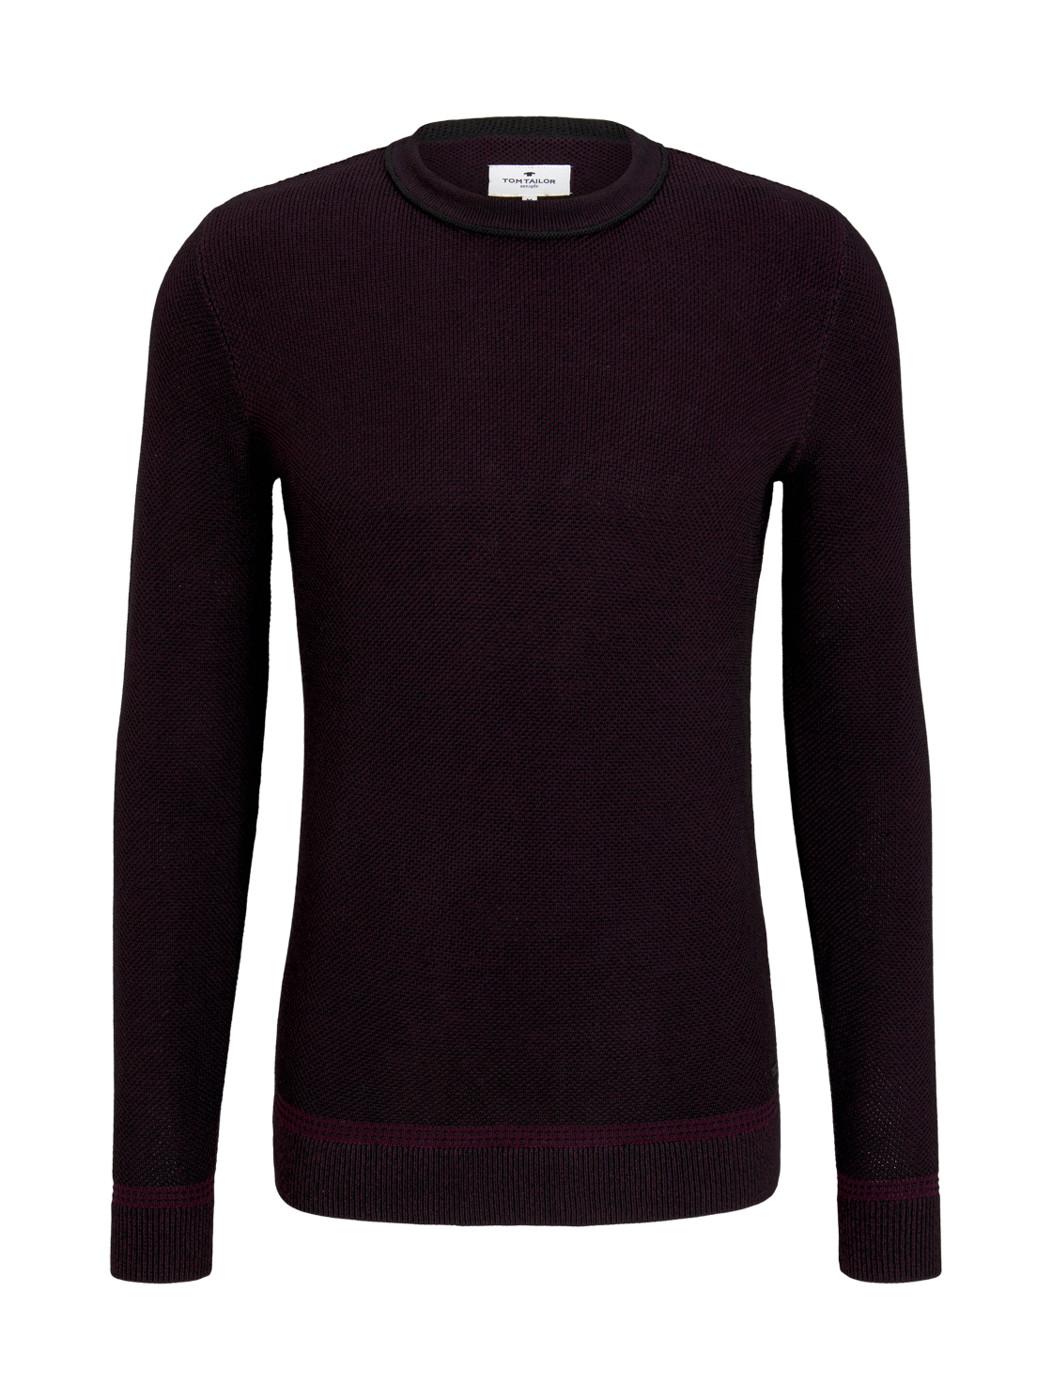 birdseye sweater - Herren